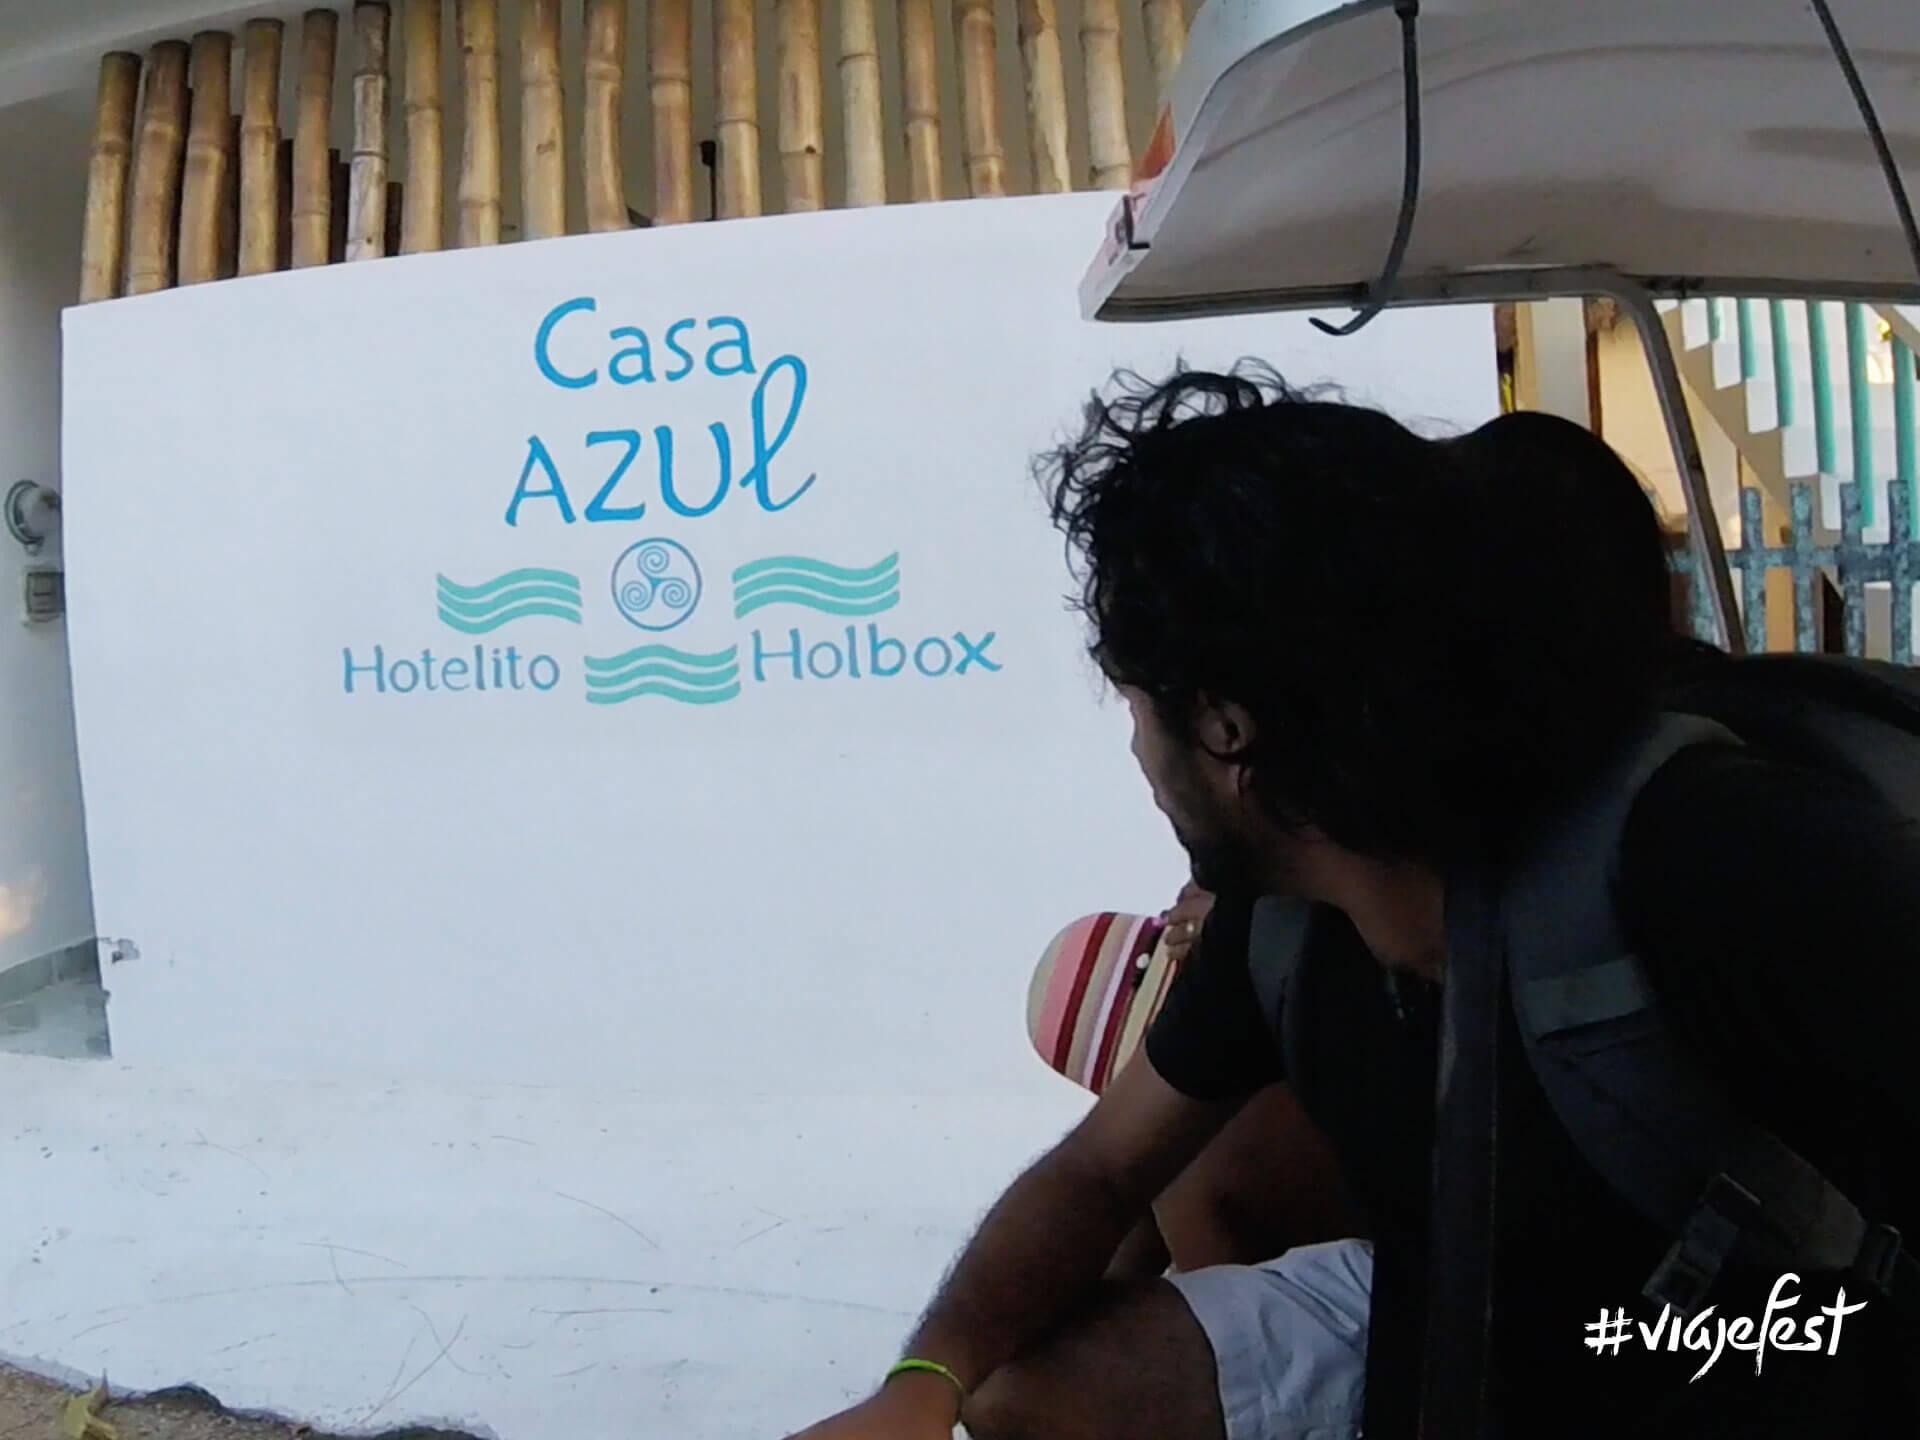 Hotelito Casa Azul